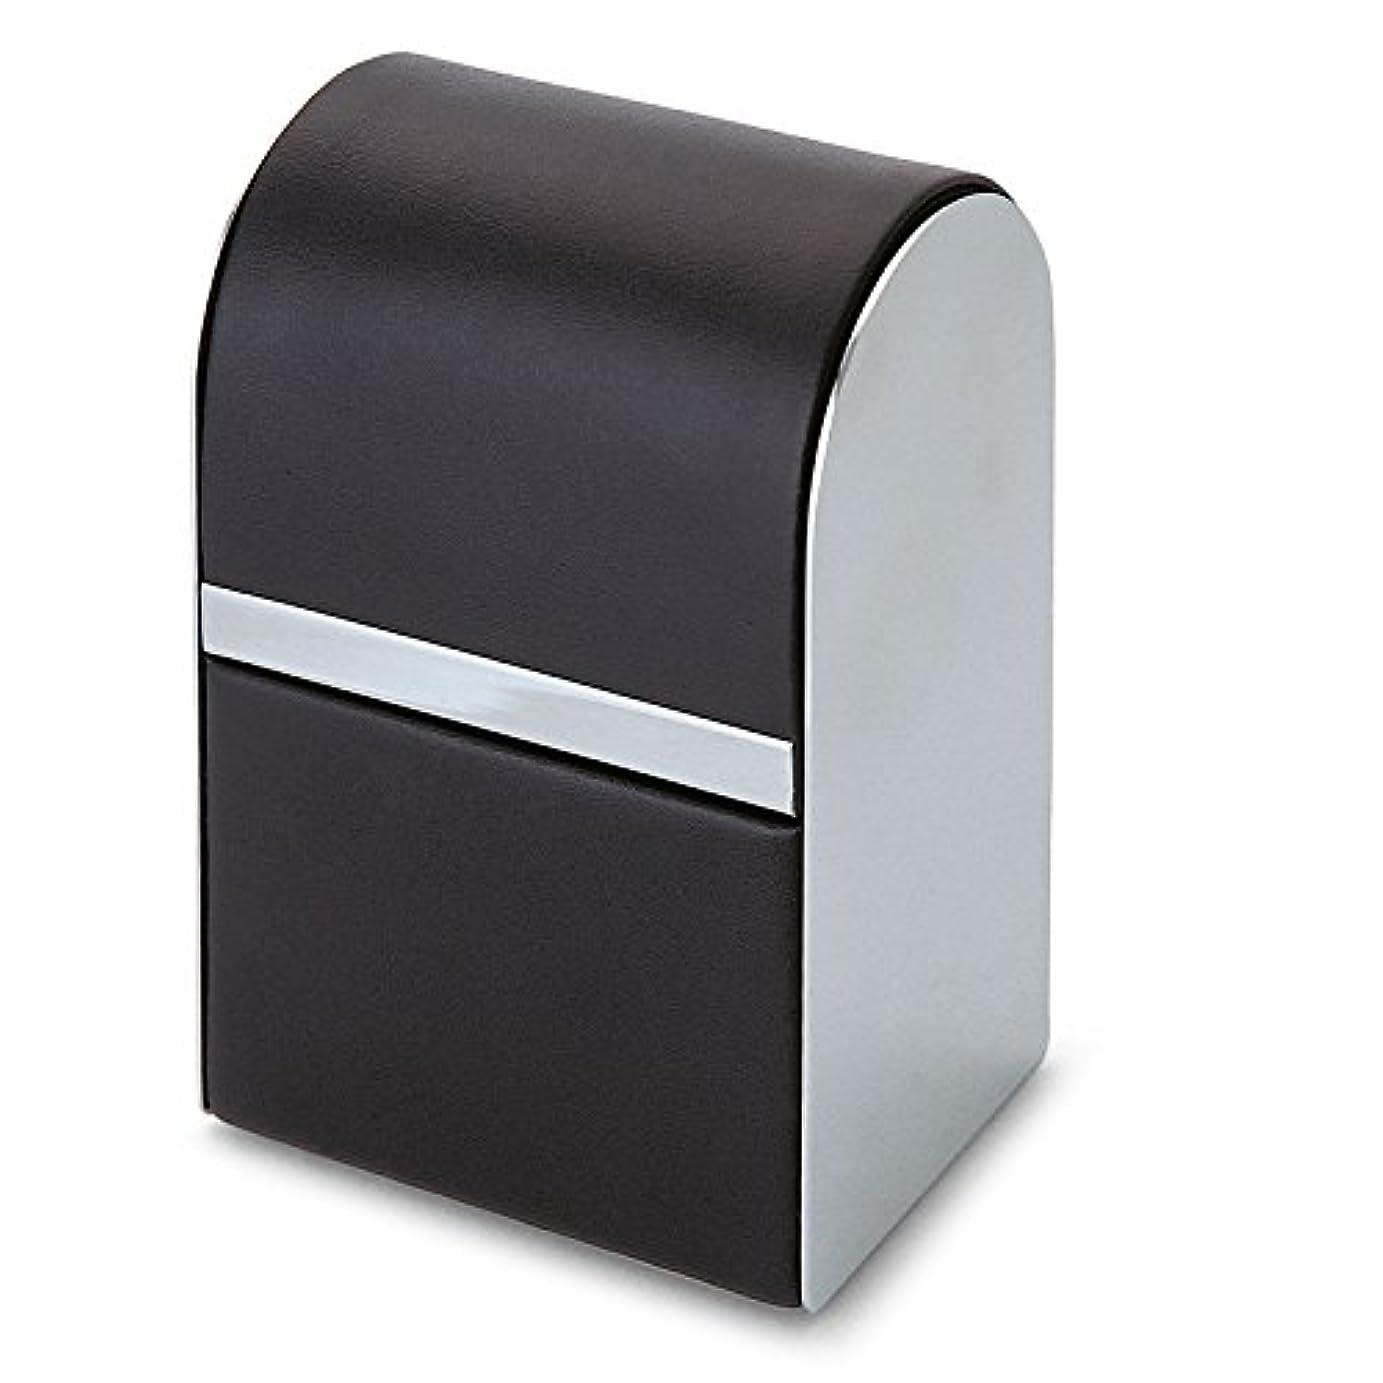 ガウン出費所有者Philippi Giorgio メンズ身だしなみキット 7pcsセット leather stainless polished